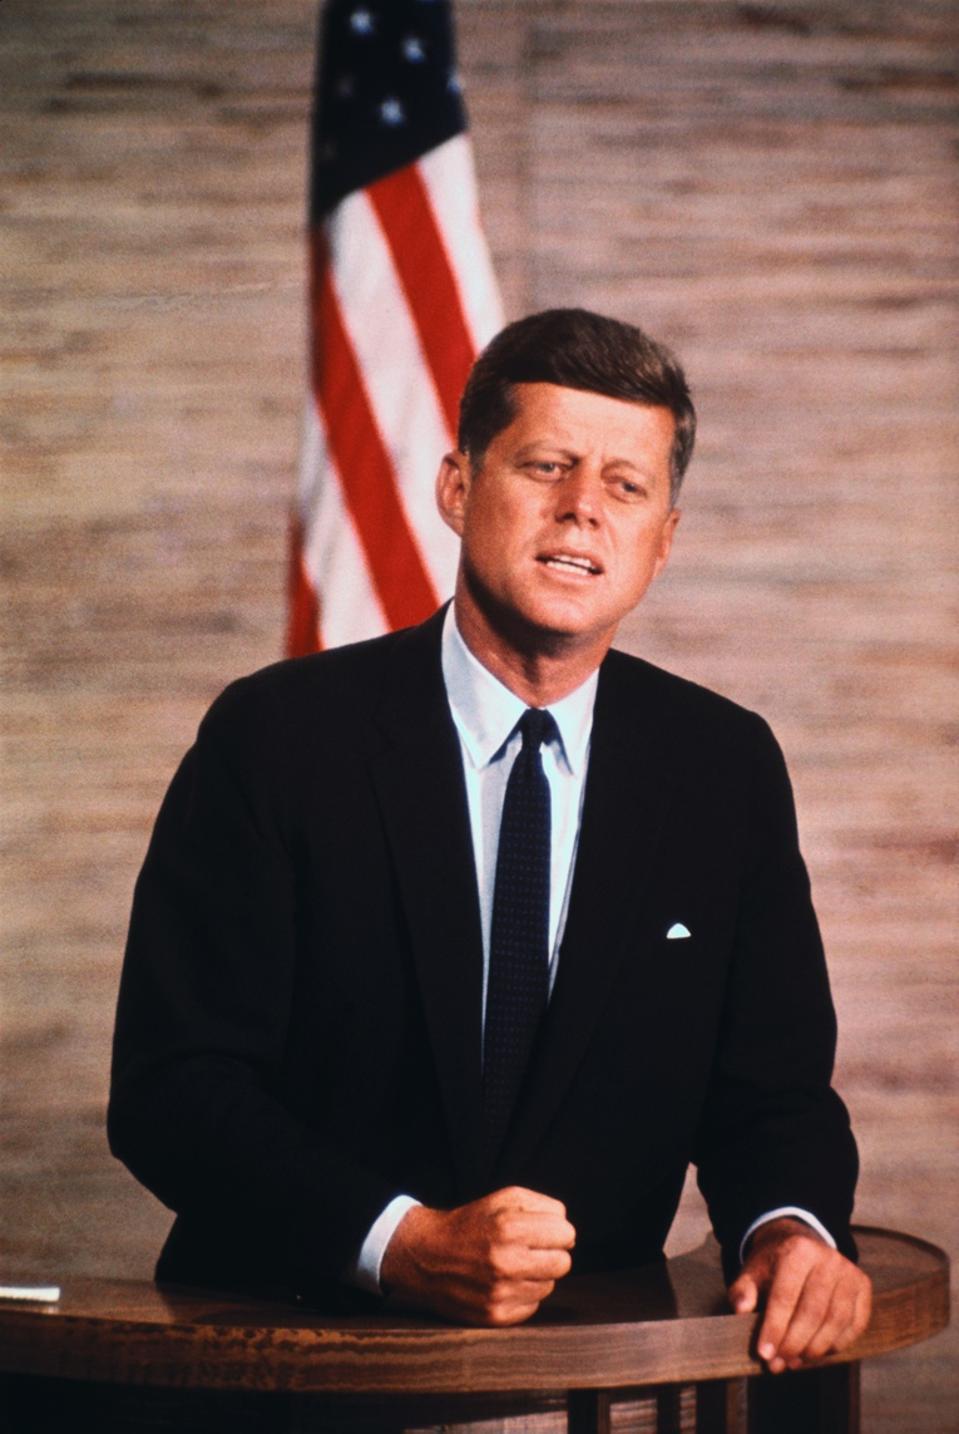 Senator John F. Kennedy Speaking at Podium